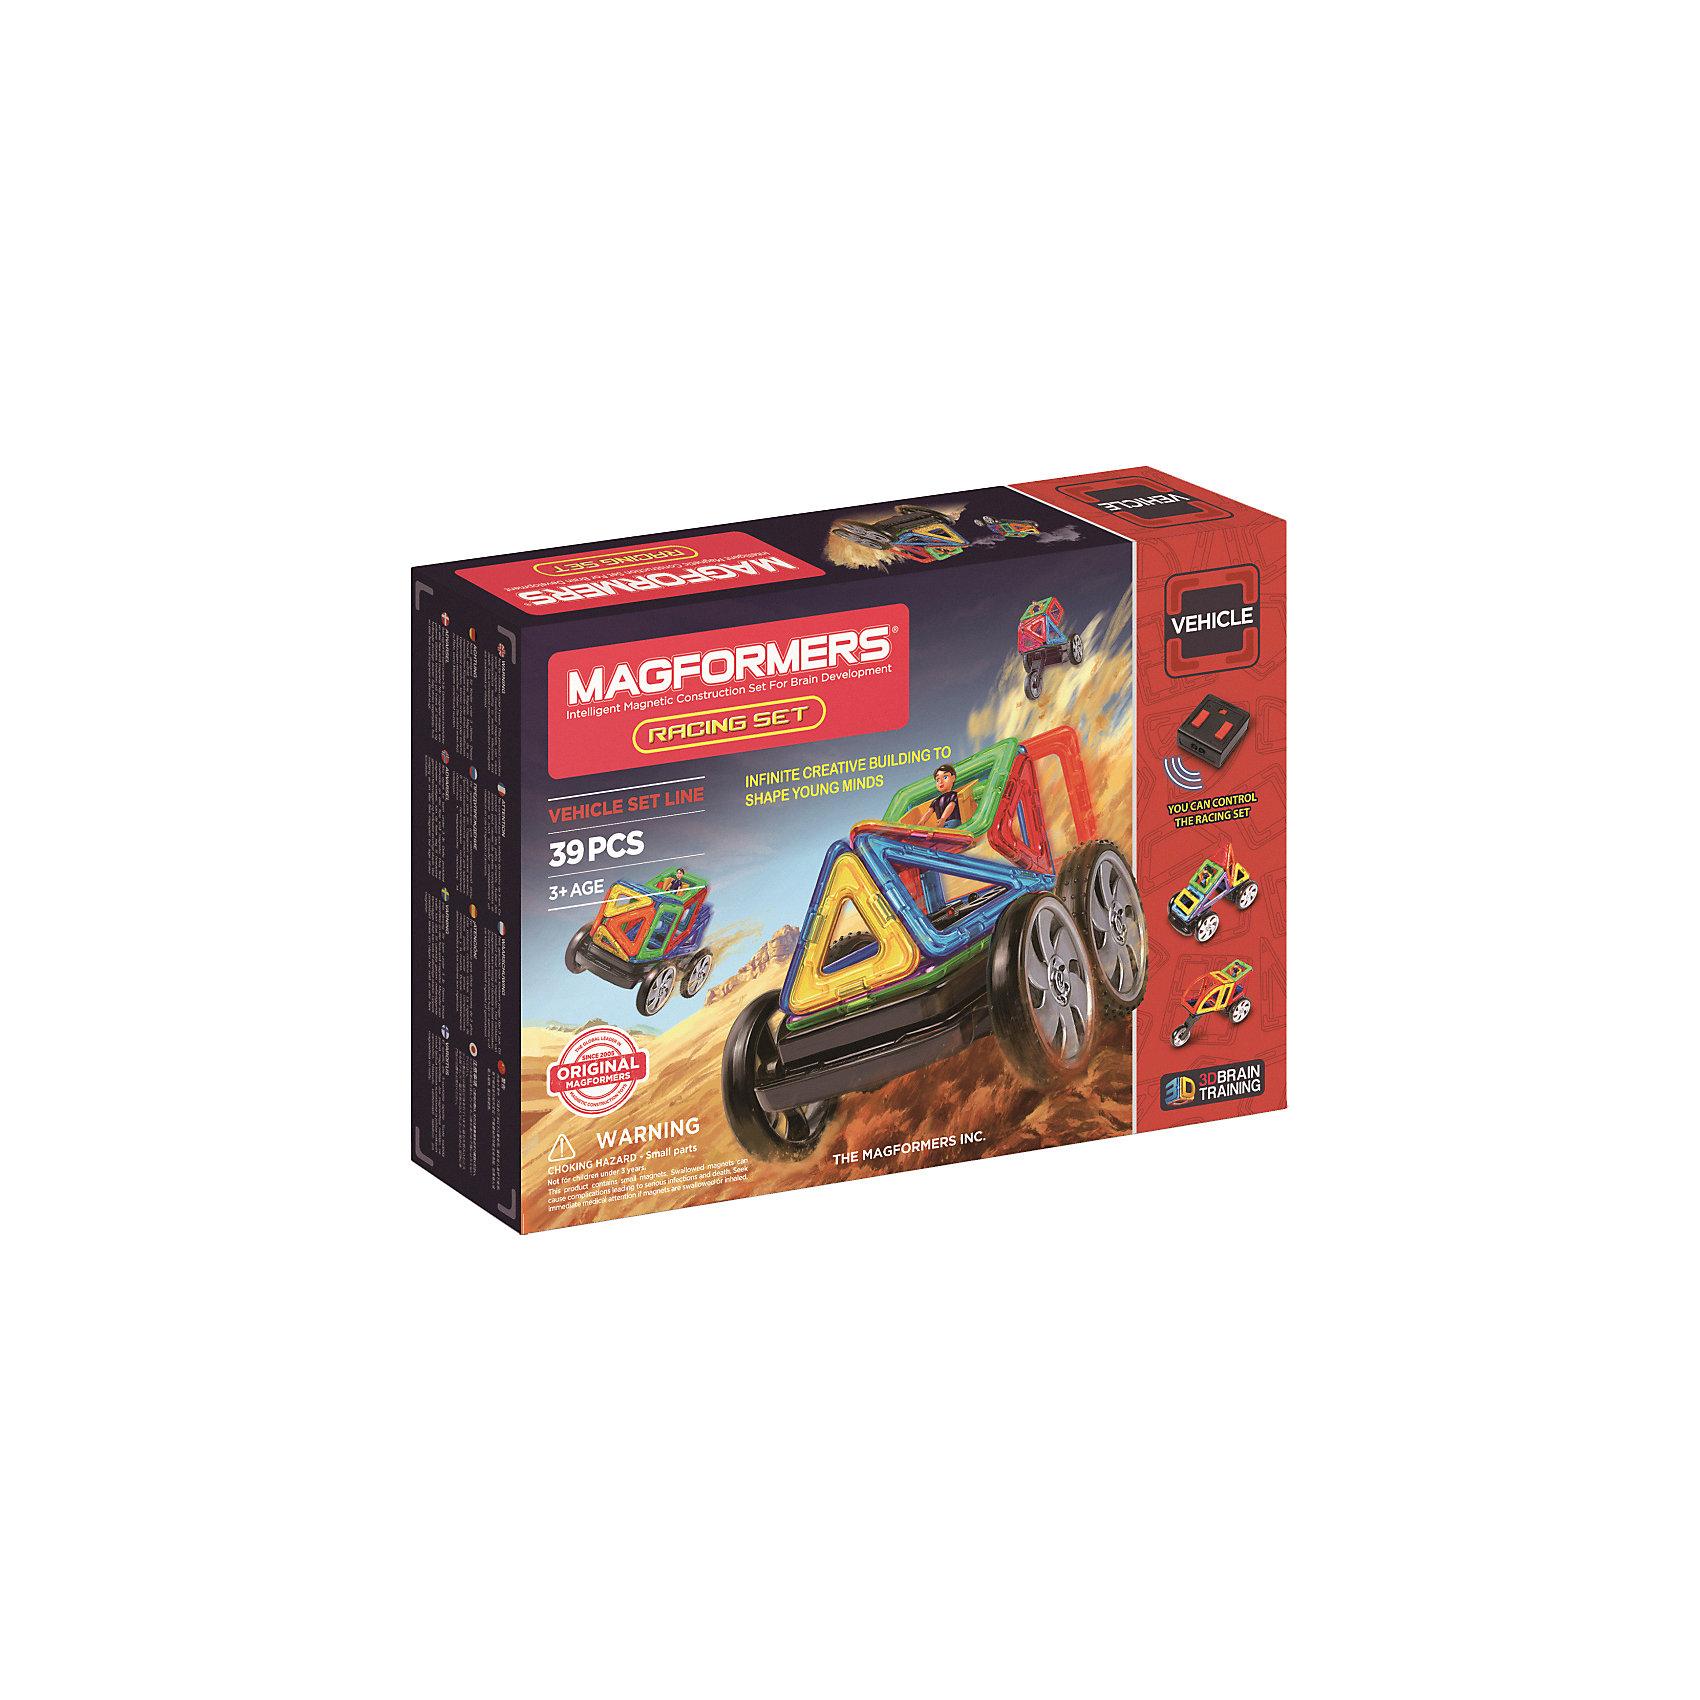 Магнитный конструктор Racing set, MAGFORMERSДанный магнитный конструктор станет приятным сюрпризом для любого ребенка, так как содержит в комплекте пульт дистанционного управления!<br>Так же в наборе представлено множество оригинальных элементов, среди которых можно найти суперарку, суперсектор и суперпрямоугольник. Наличие дистанционного управления оживит собранные конструкции и не позволит ребёнку заскучать. <br>Кроме этого, конструктор содержит несколько видов колёс, в том числе и уникальное мотоциклетное колесо. Эту редкую деталь можно было найти только в наборе Mega Brain Set. <br><br>Такой конструктор станет прекрасным подарком для начала знакомства с серией Магформерс, а также может отлично дополнить коллекцию уже имеющихся наборов!<br><br>Дополнительная информация:<br><br>- Количество деталей: 39 шт. <br>- Треугольник: 5 шт. <br>- Равнобедренный треугольник: 5 шт. <br>- Квадрат: 6 шт. <br>- Прямоугольник: 1 шт. <br>- Суперпрямоугольник: 1 шт. <br>- Минипрямоугольник: 4 шт. <br>- Ромб: 2 шт. <br>- Трапеция: 1 шт. <br>- Сектор: 2 шт. <br>- Суперсектор: 2 шт. <br>- Арка: 1 шт. <br>- Суперарка: 1 шт. <br>- Мальчик: 1 шт. <br>- Пара колес: 1 шт. <br>- Поворотная ось: 1 шт. <br>- Управляемая ось с колесами: 1 шт. <br>- Мотоциклетное колесо: 1 шт. <br>- Пульт дистанционного управления: 1 шт. <br>- Блок-вставка: 2 шт. <br>- Возраст: от 3 лет <br>- Материал: прочный пластик <br>- Размер упаковки: 40х28х8 см <br>- Вес в упаковке: 1 кг. <br><br>Купить магнитный конструктор Racing set MAGFORMERS можно в нашем магазине.<br><br>Ширина мм: 320<br>Глубина мм: 445<br>Высота мм: 80<br>Вес г: 1700<br>Возраст от месяцев: 36<br>Возраст до месяцев: 192<br>Пол: Унисекс<br>Возраст: Детский<br>SKU: 4730849